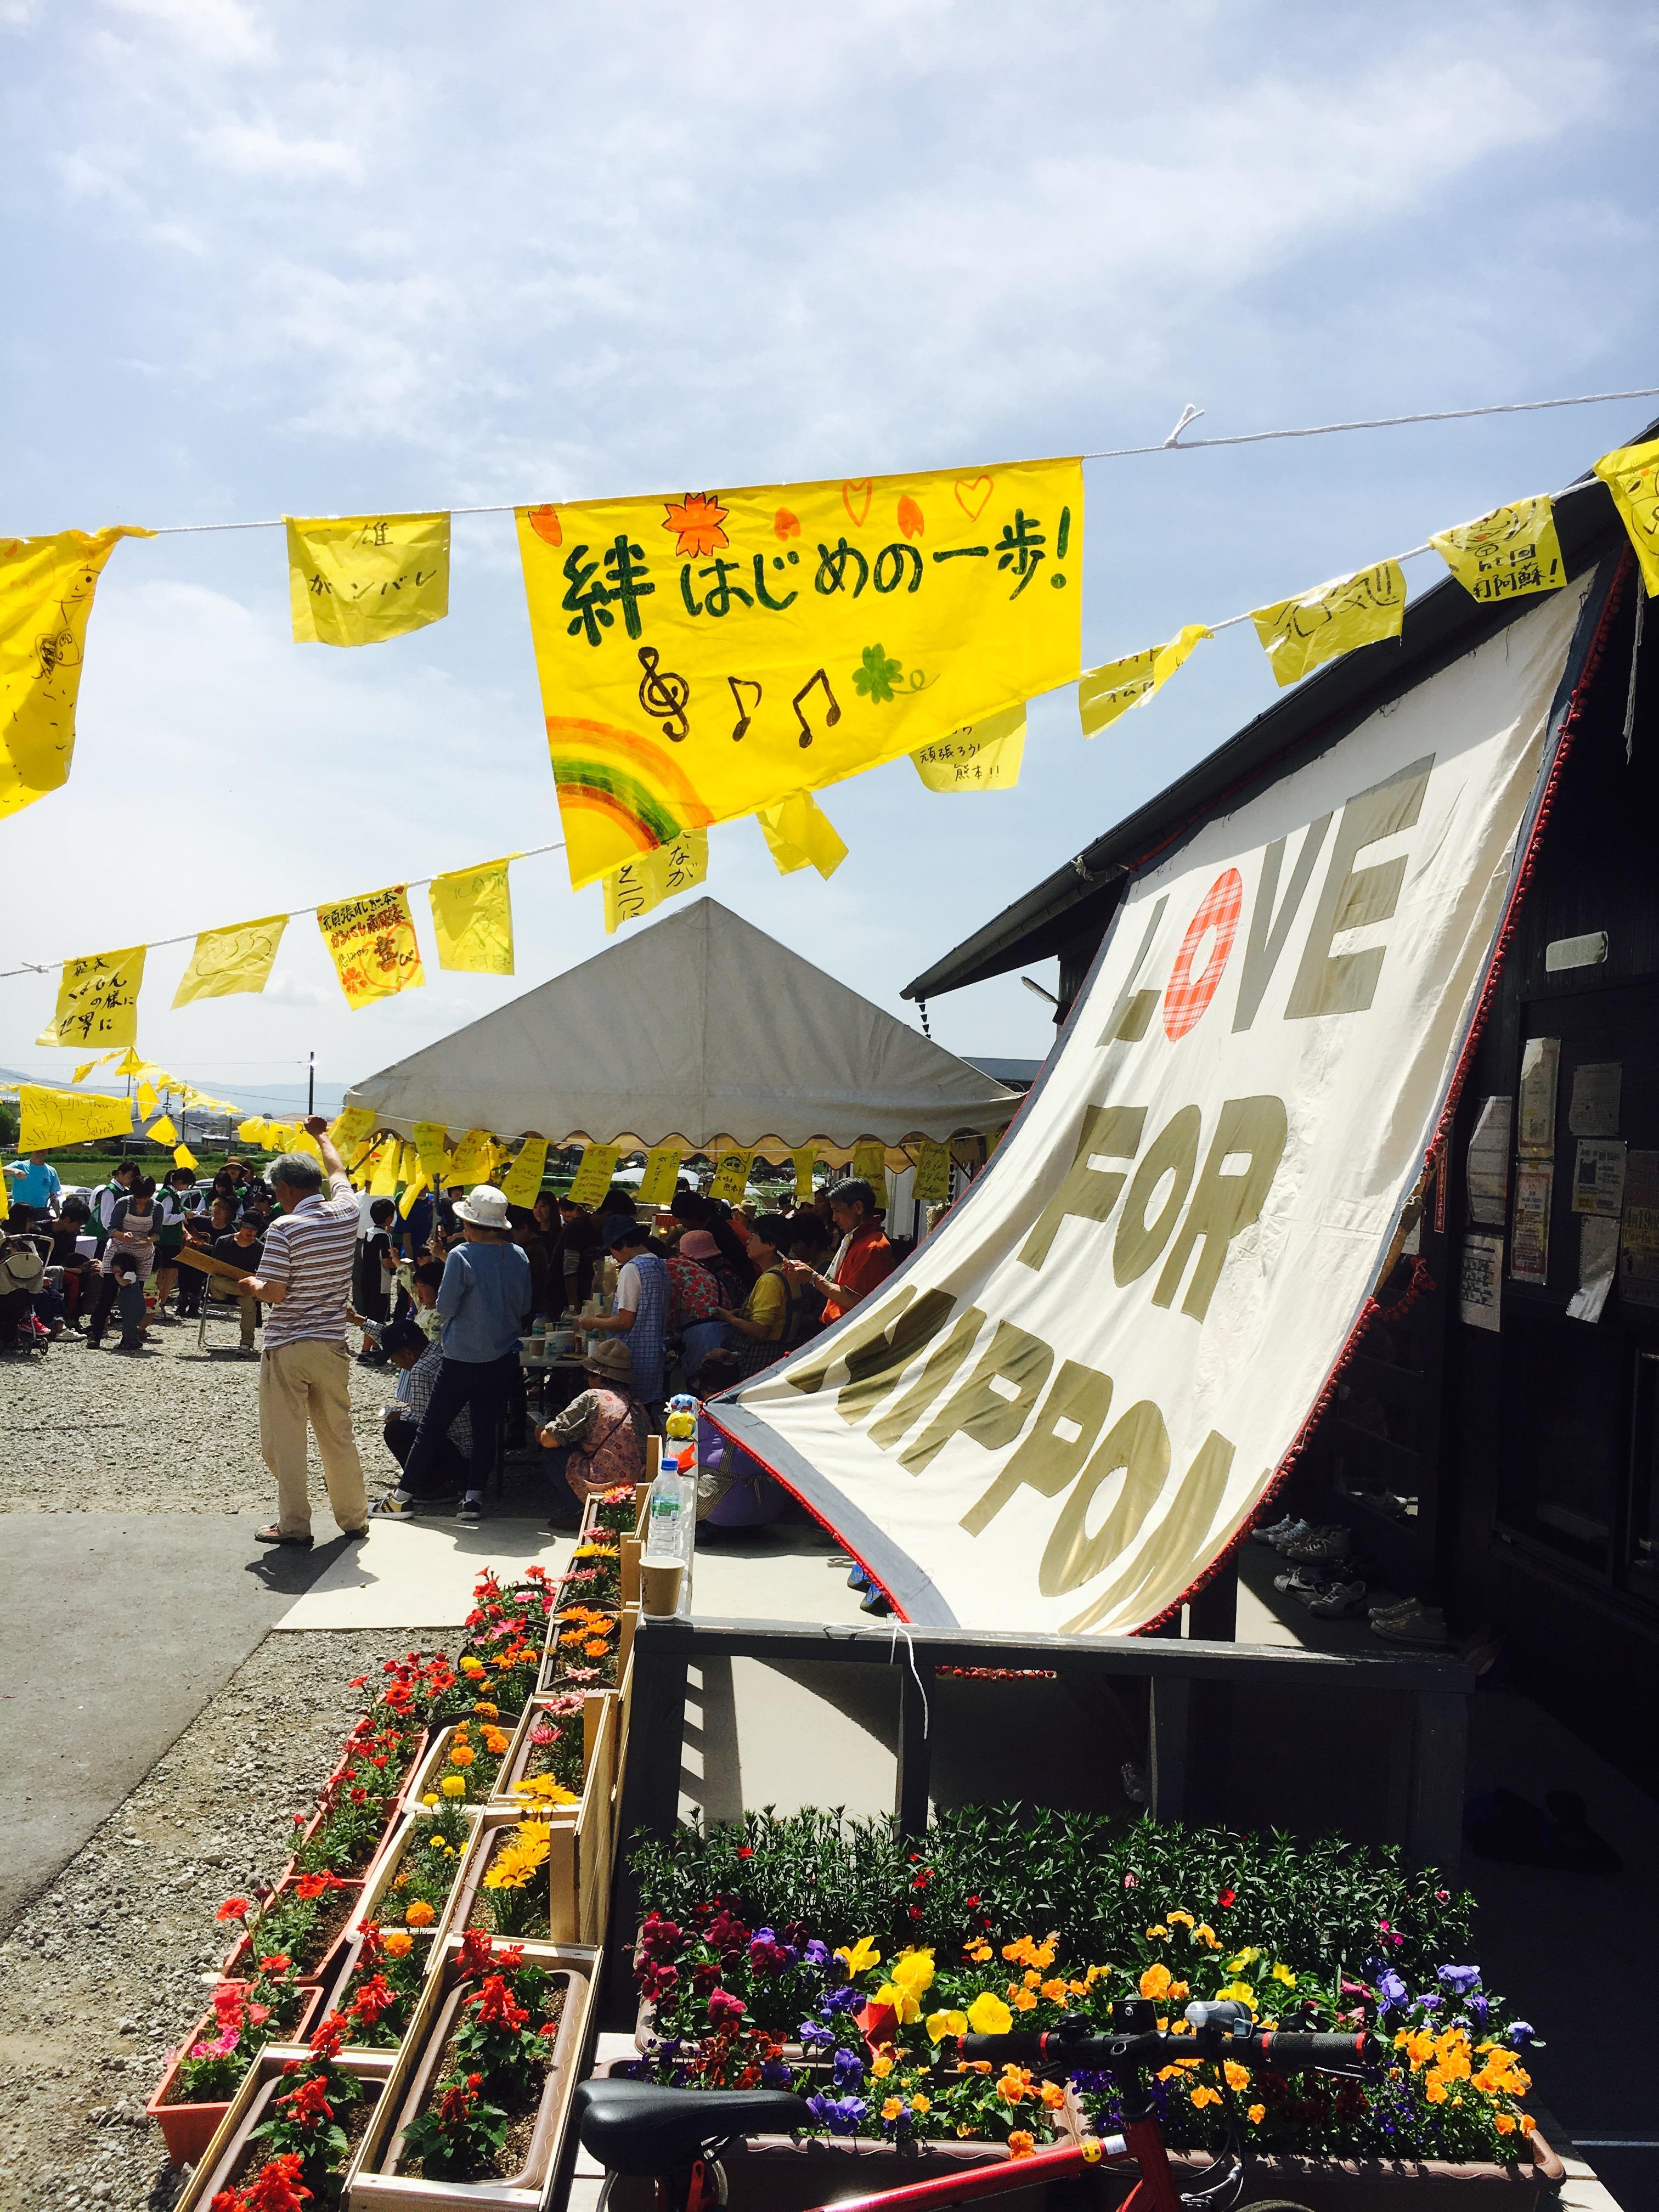 熊本地震から避難されている仮設住宅にて